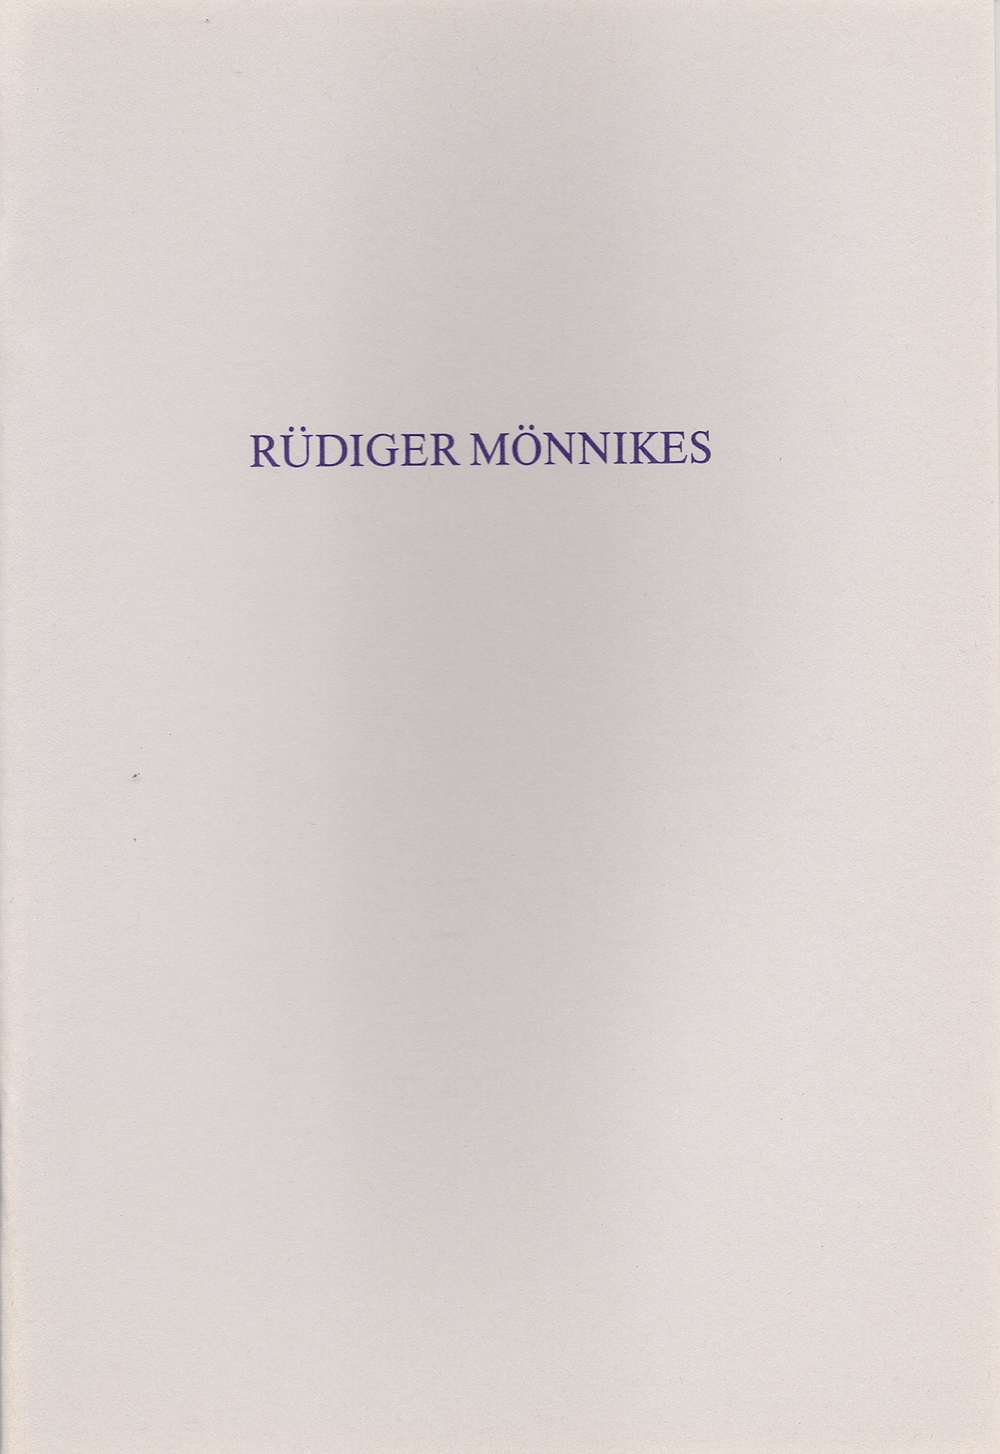 Rüdiger Mönnikes, Bilder , 1990